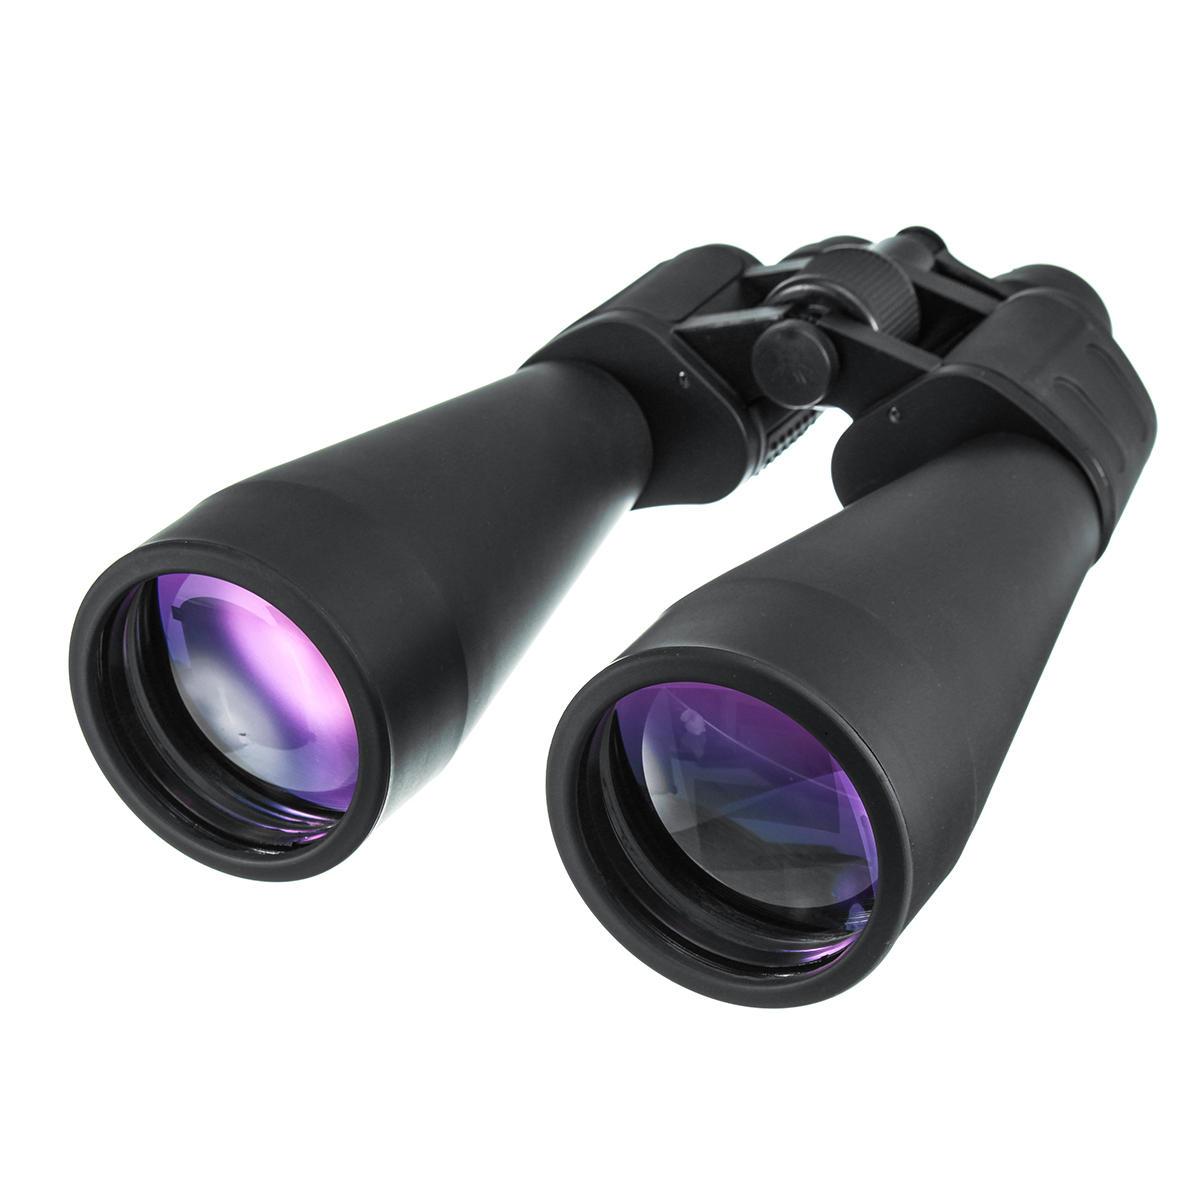 20-180x100 HD Enfocar Binoculares Óptico Luz Baja Nivel Telescopio de Visión Nocturna cámping Viajes